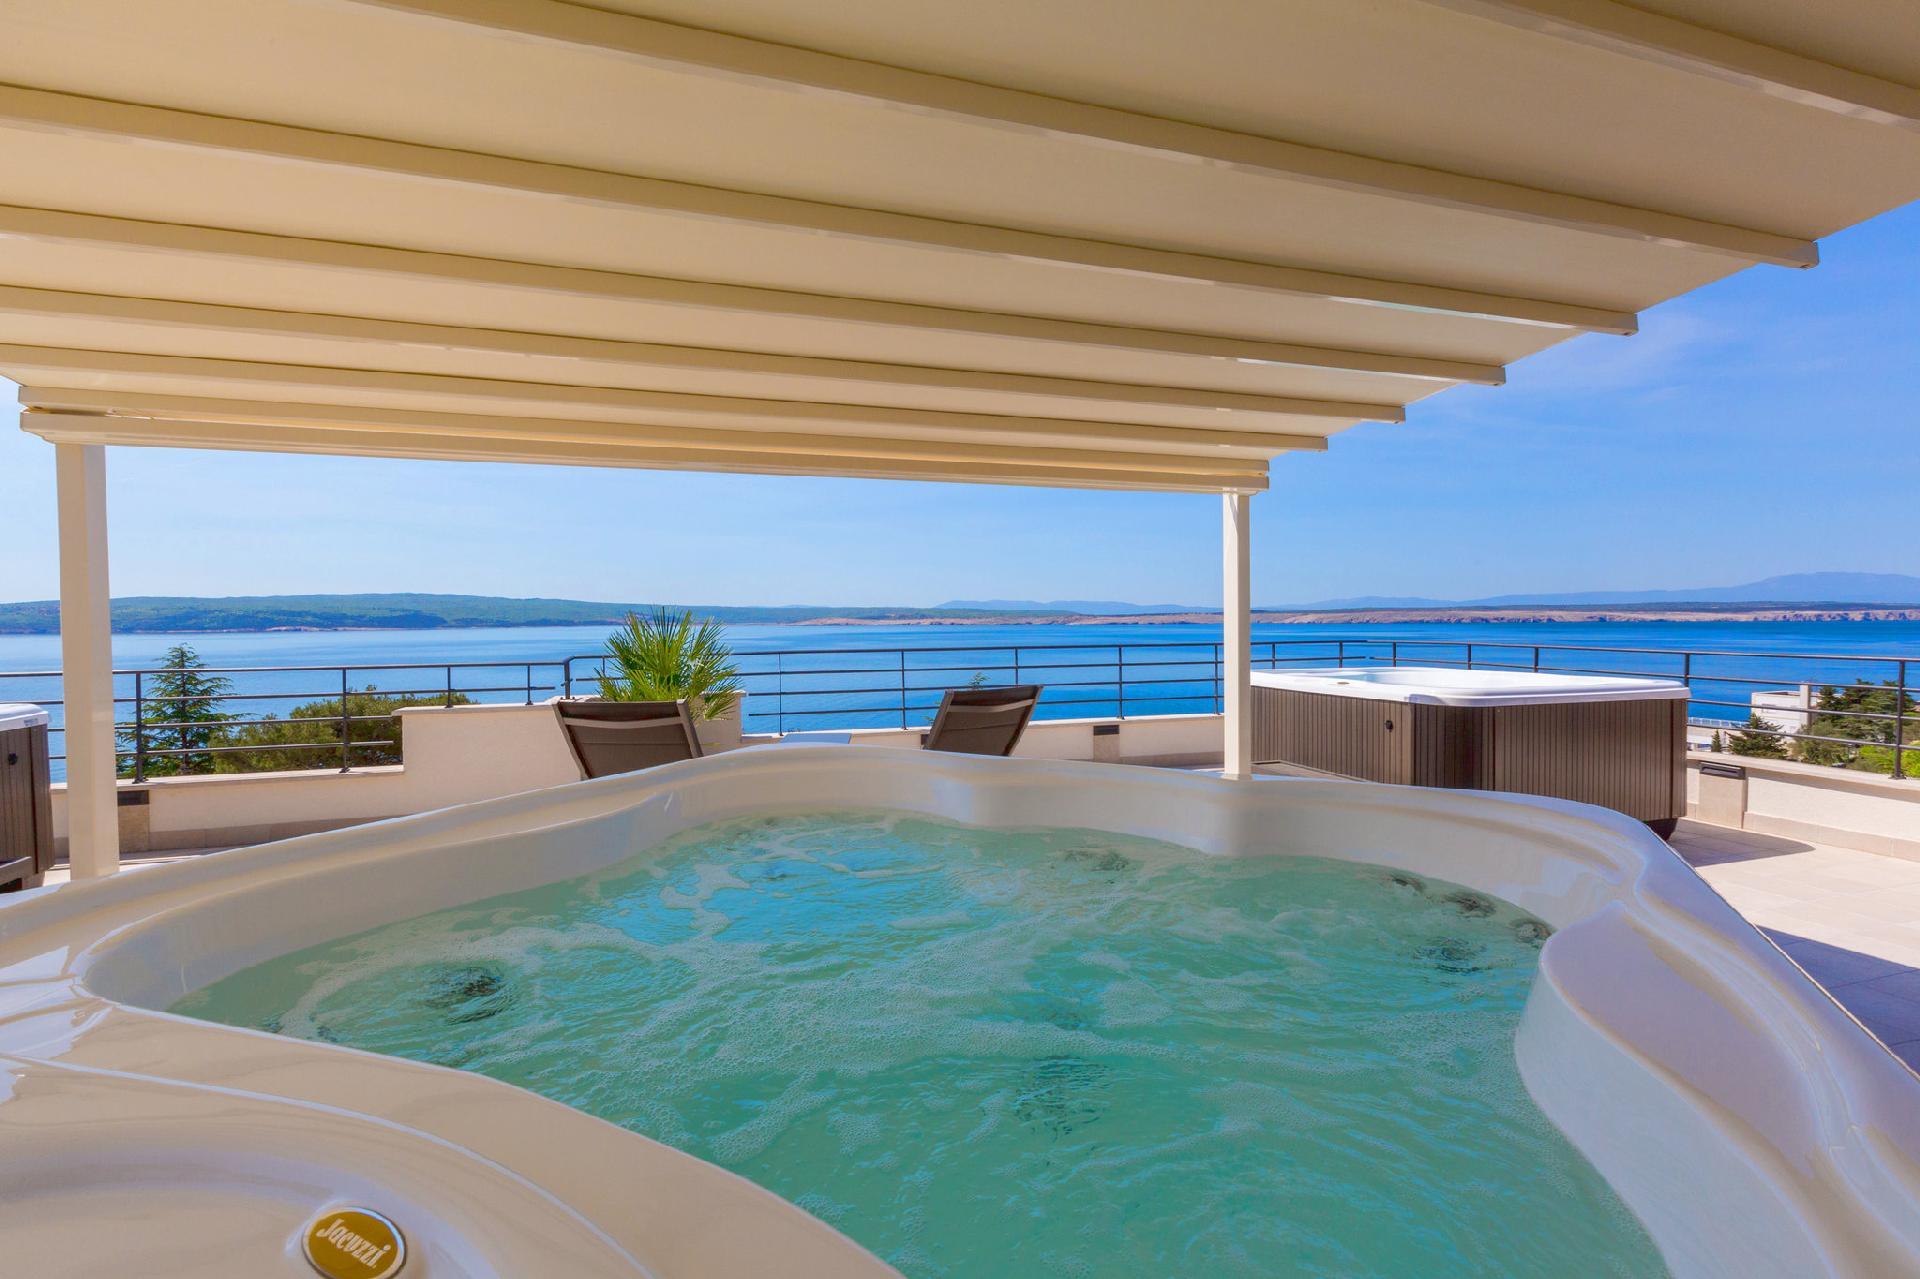 Ferienwohnung für 4 Personen ca. 35 m² i  in Kroatien